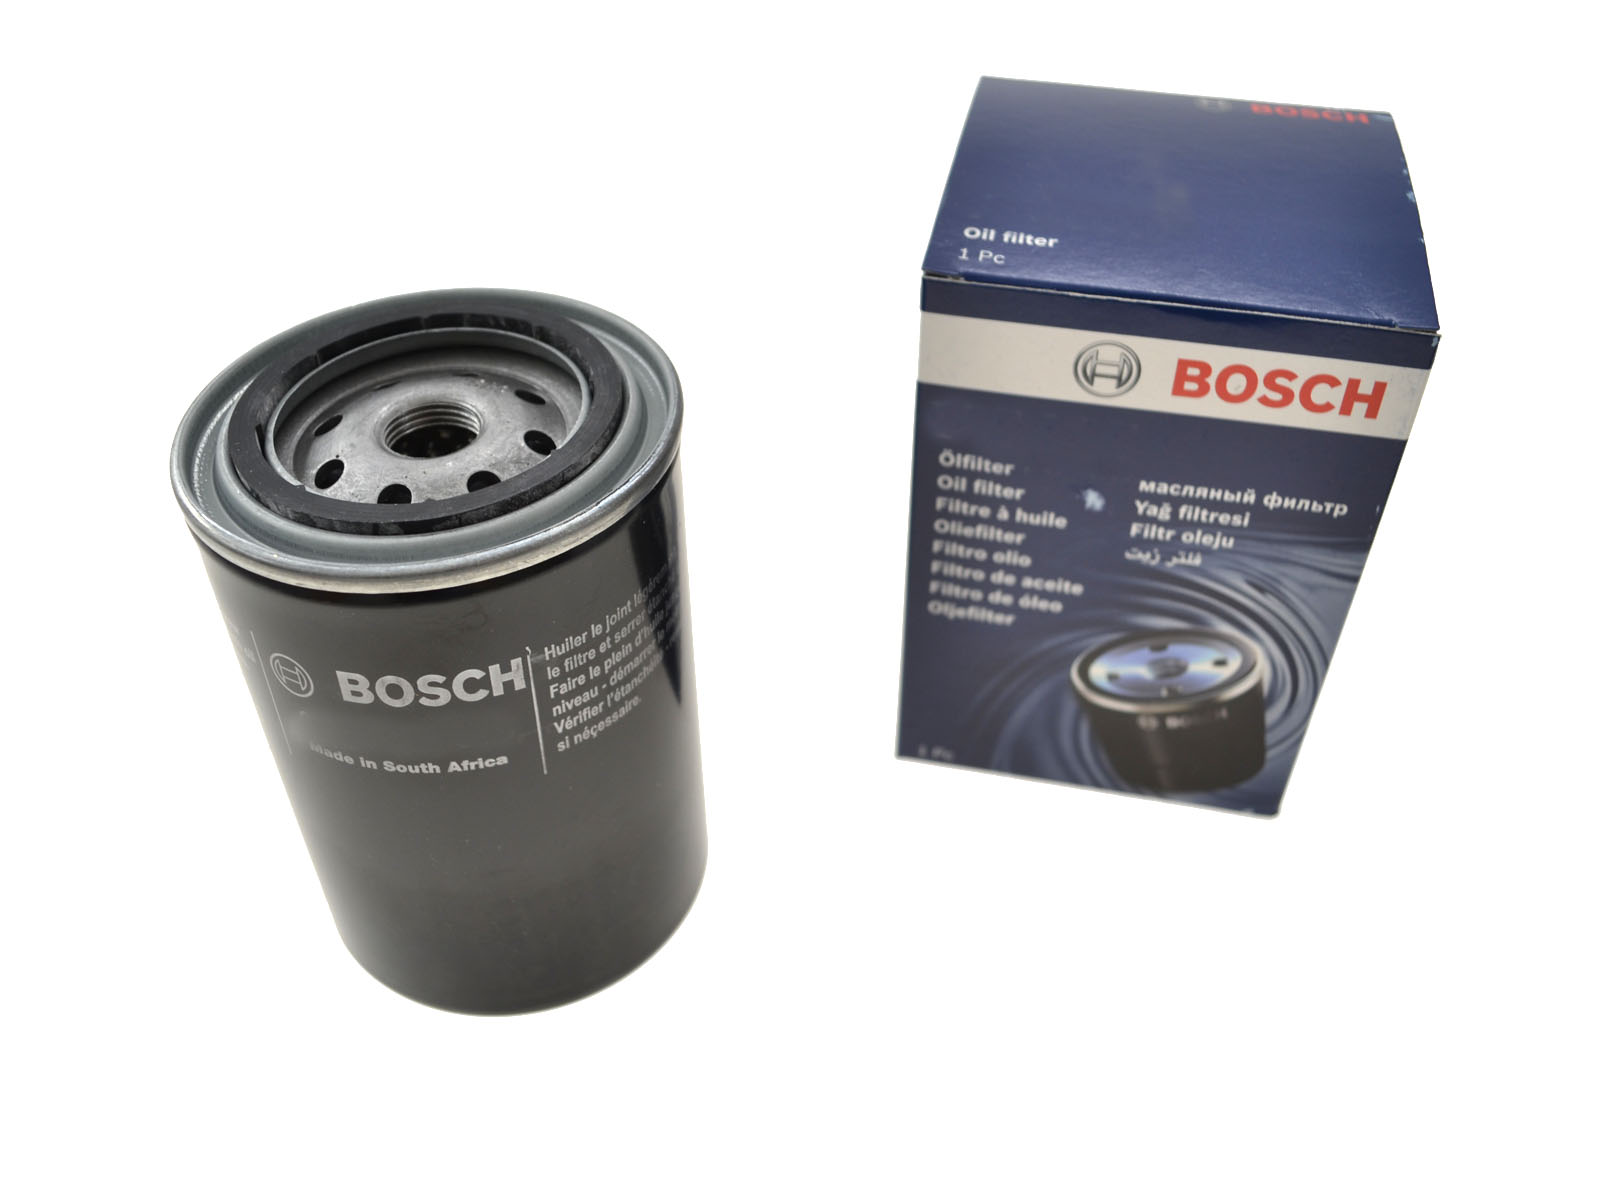 Bosch Ölfilter für Porsche 911 F bis '71/914-6 Motor